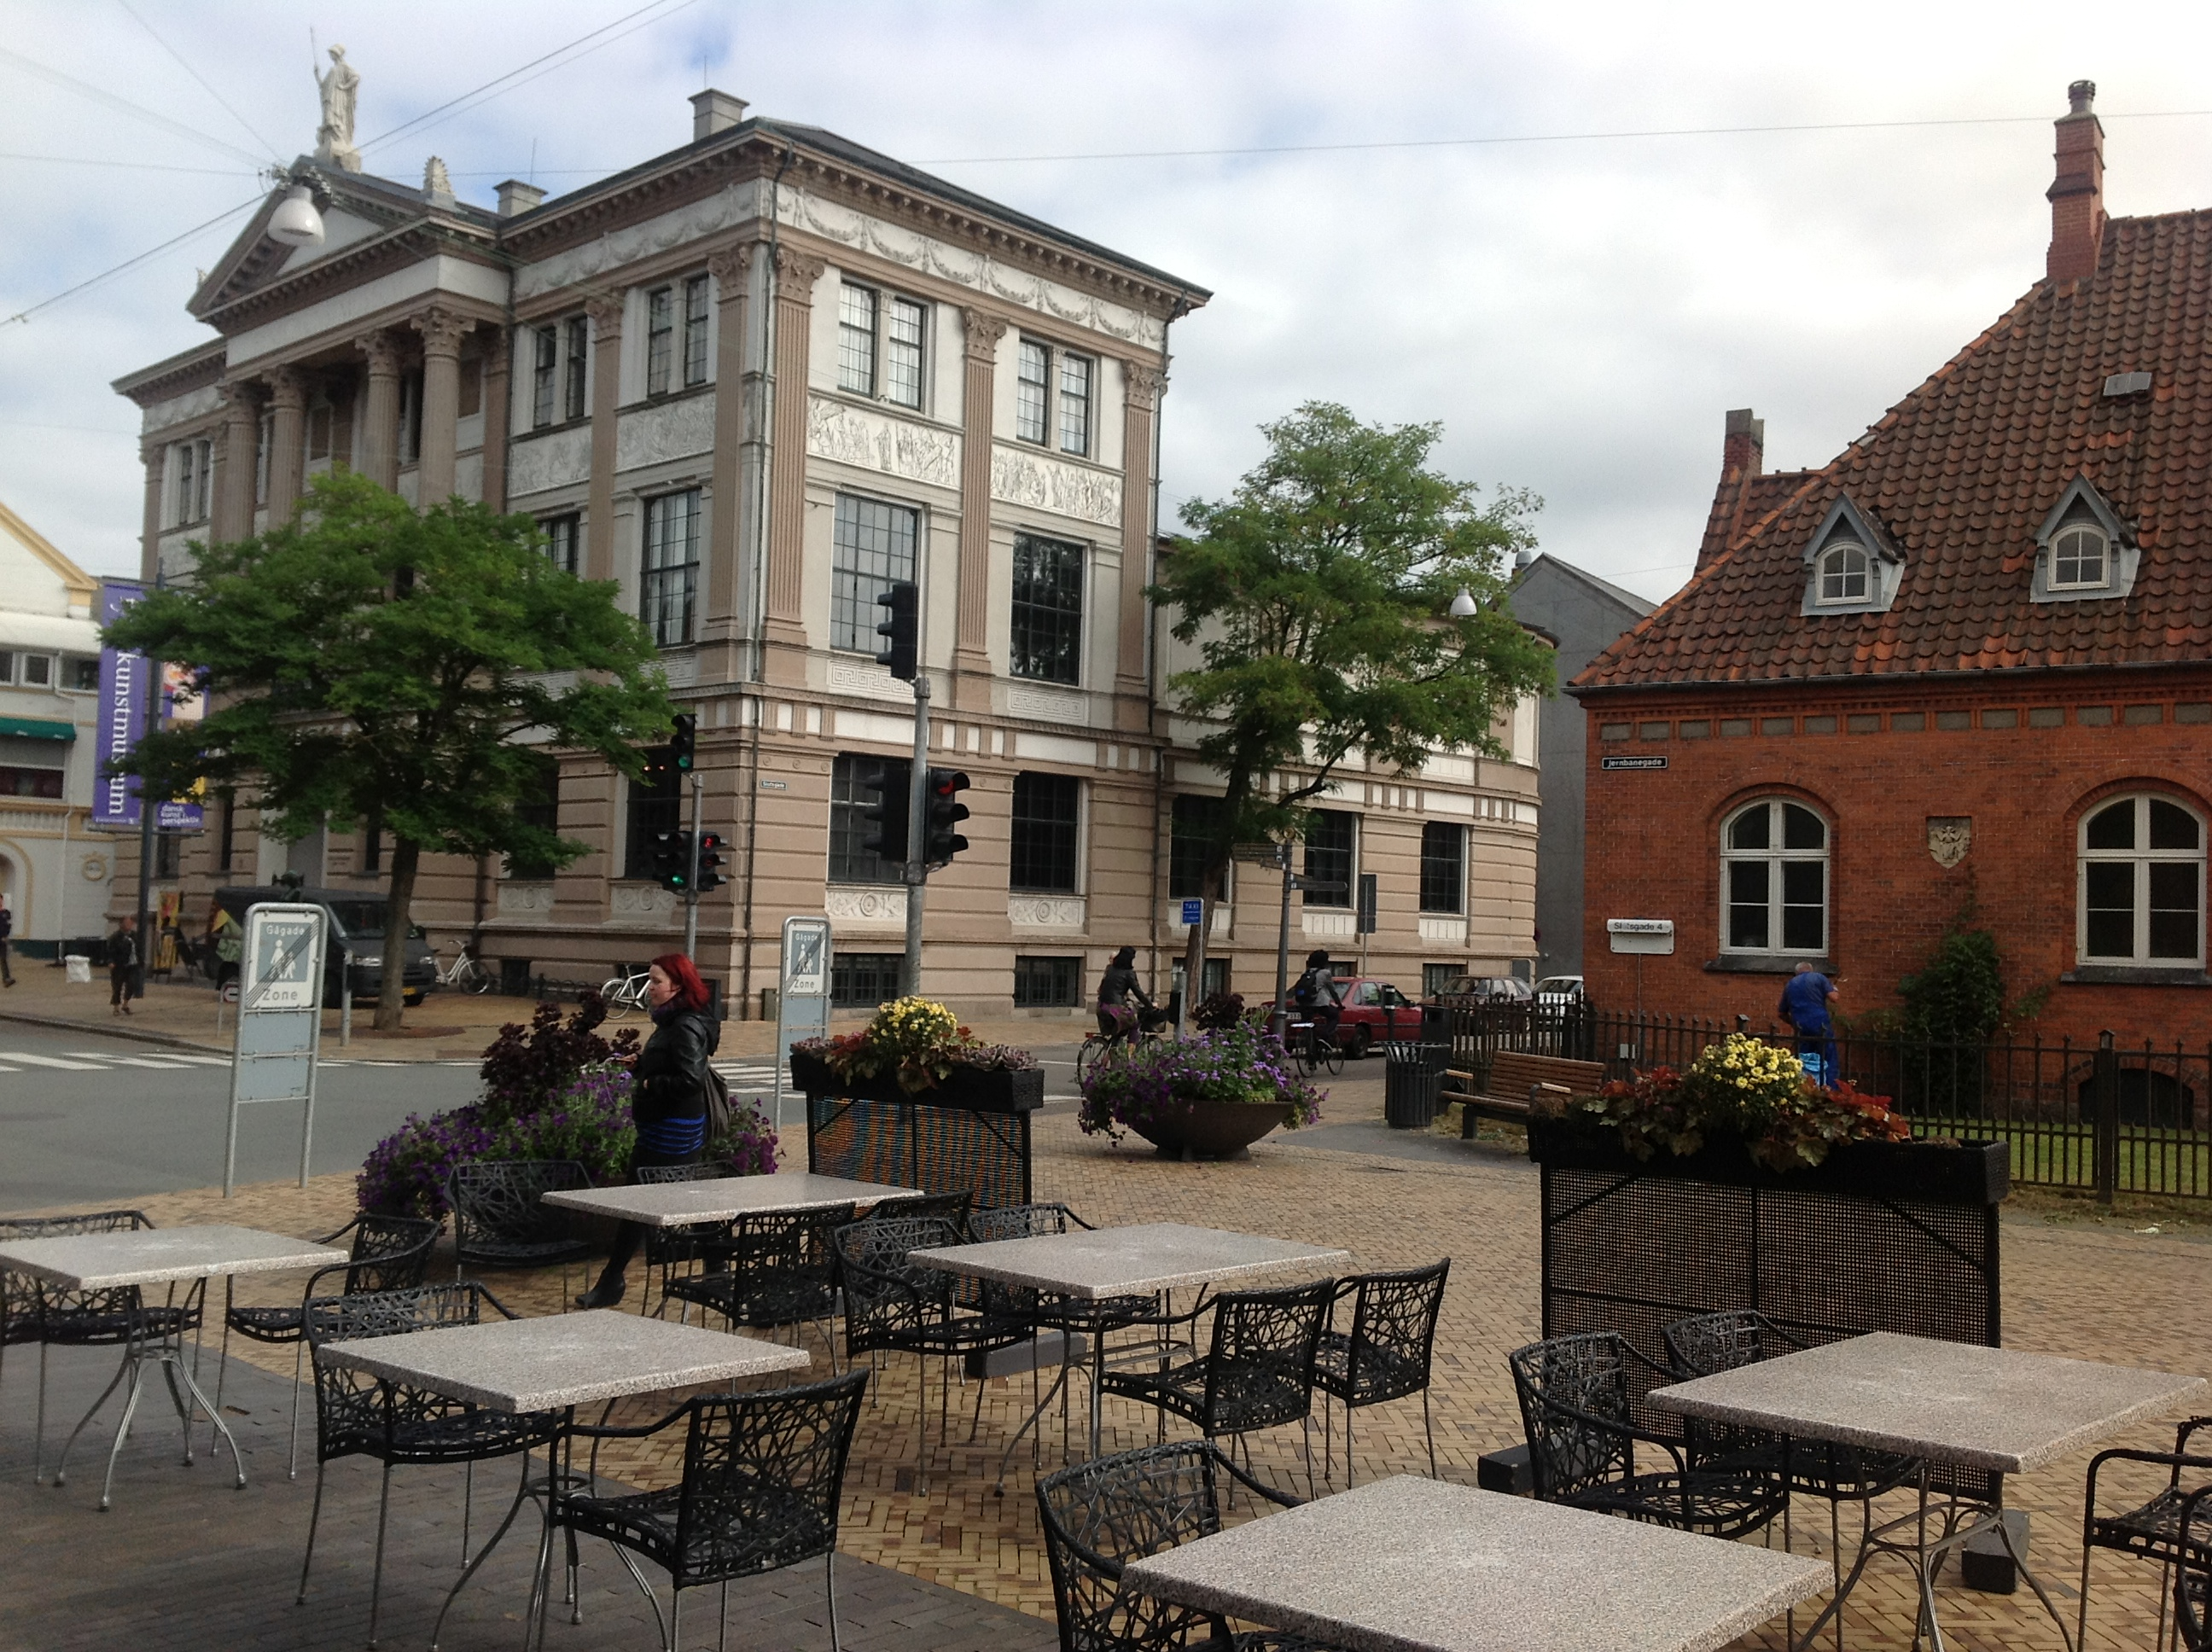 140514_From_Odense_Funen_Denmark